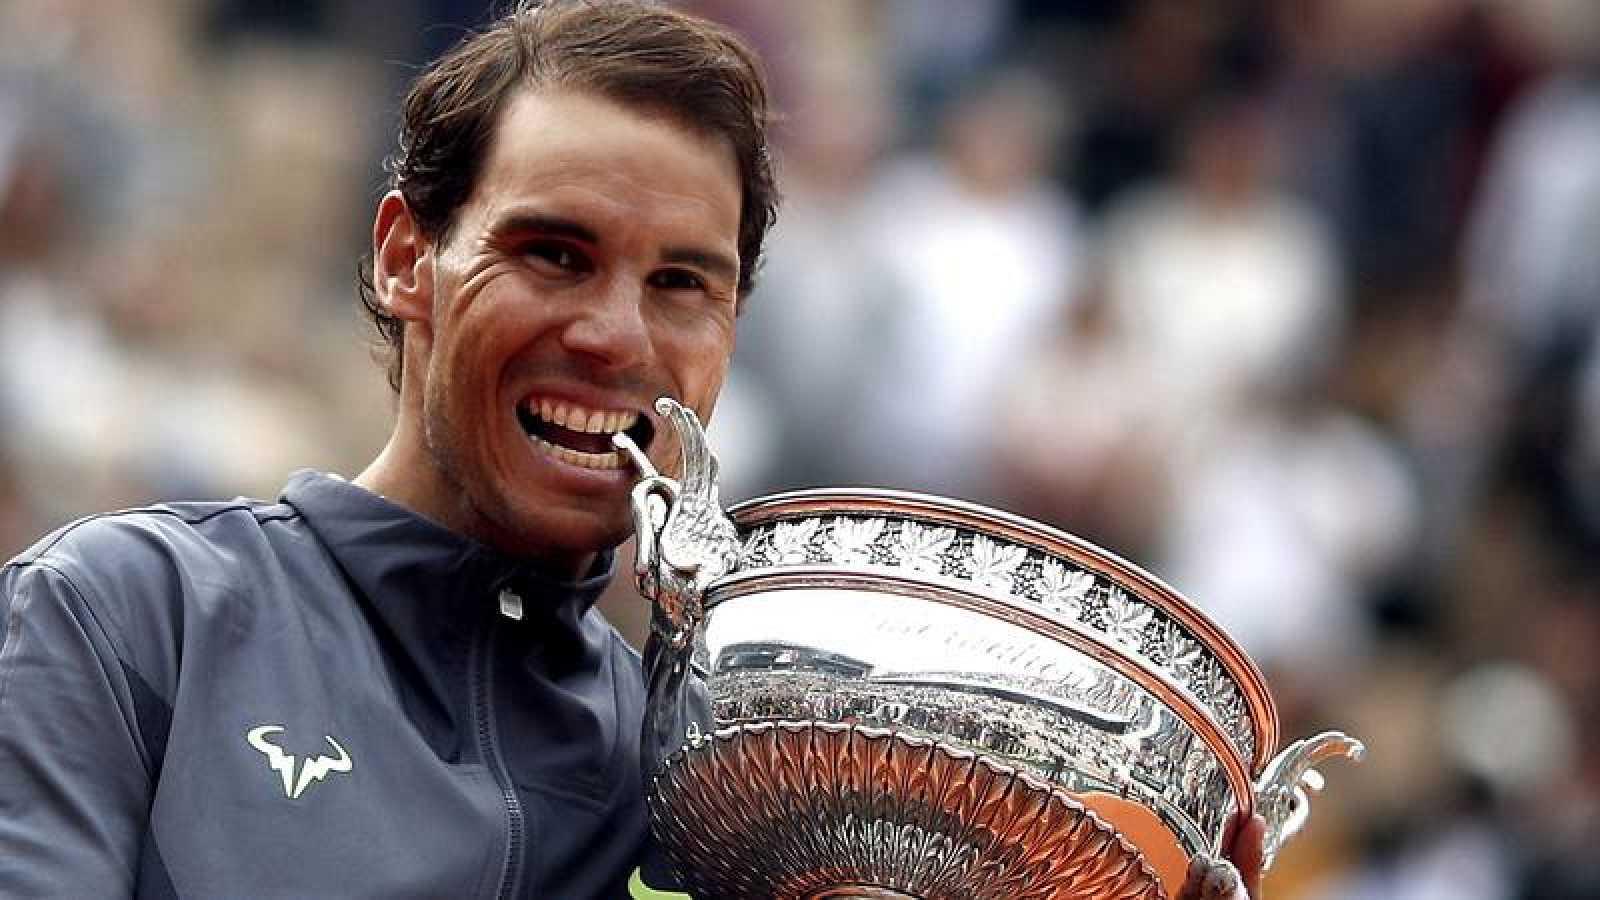 Rafa Nadal desea repetir esta imagen de 2019 mordiendo el trofeo de Roland Garros